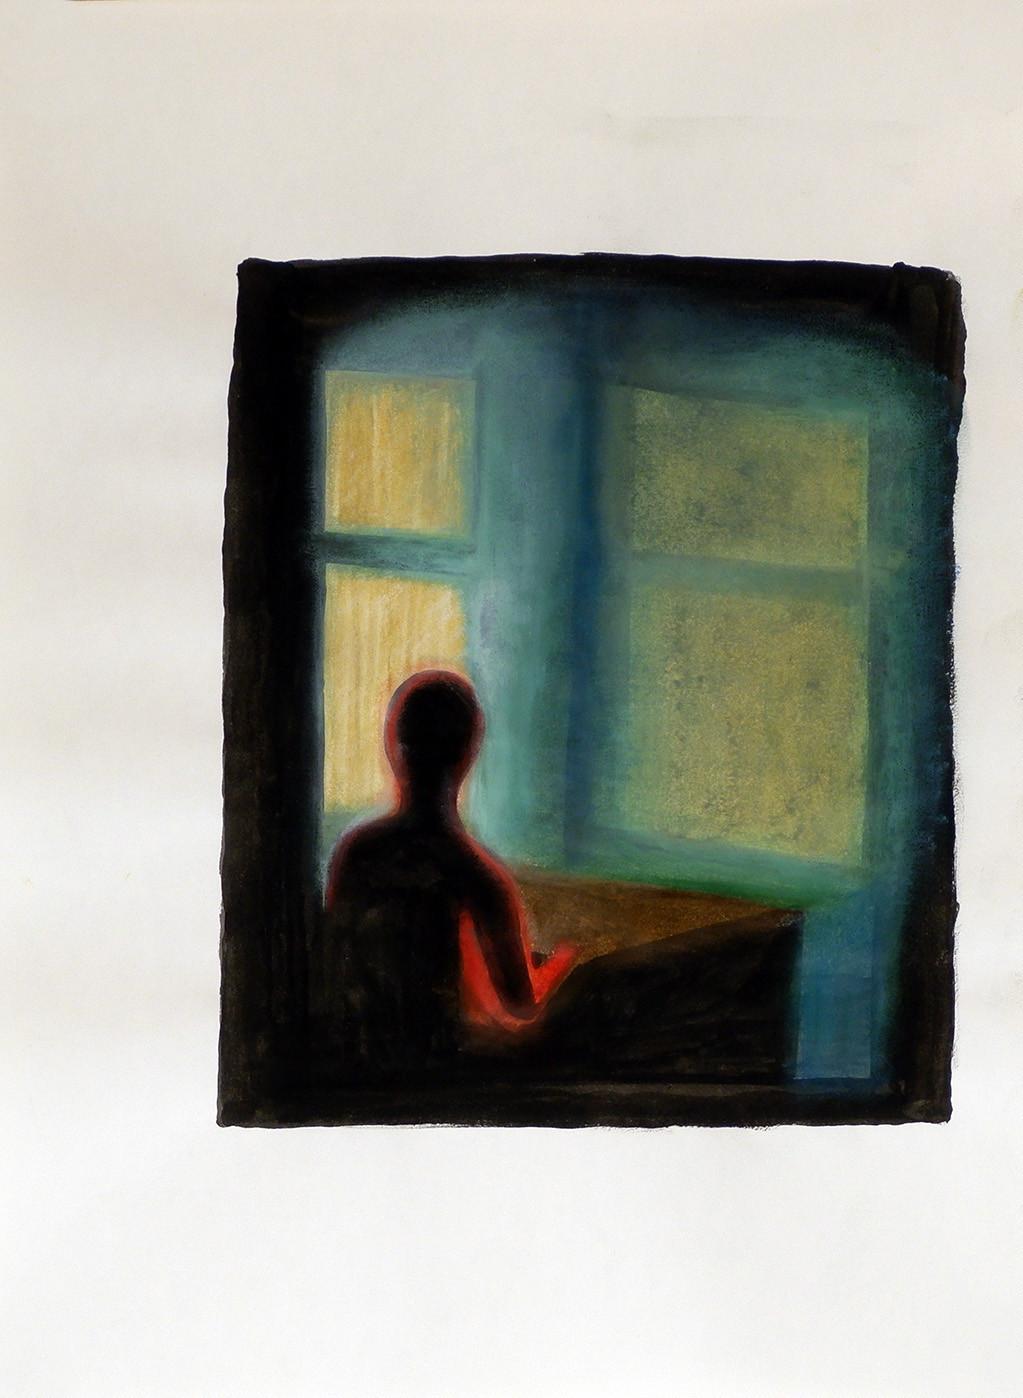 Anton Juul Untitled III 2020 Pastel on paper 40 x 30 cm